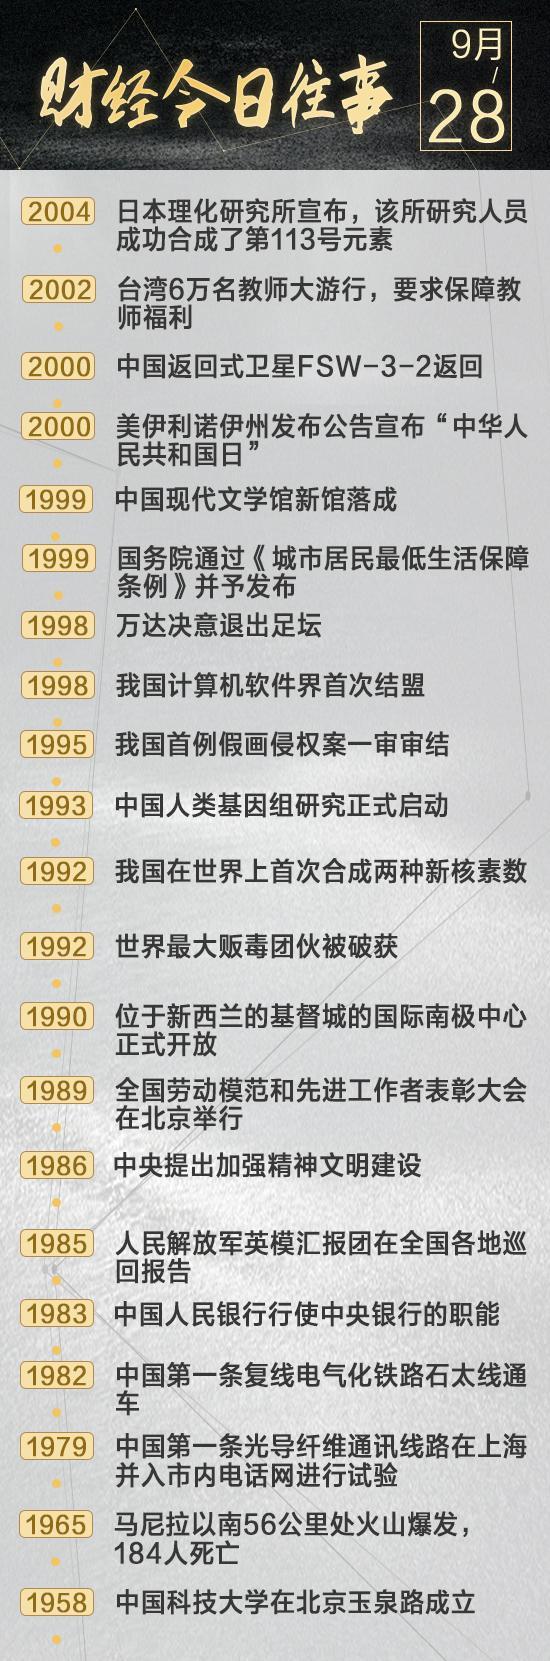 财经今日往事:中国人民银行专门行使中央银行职能